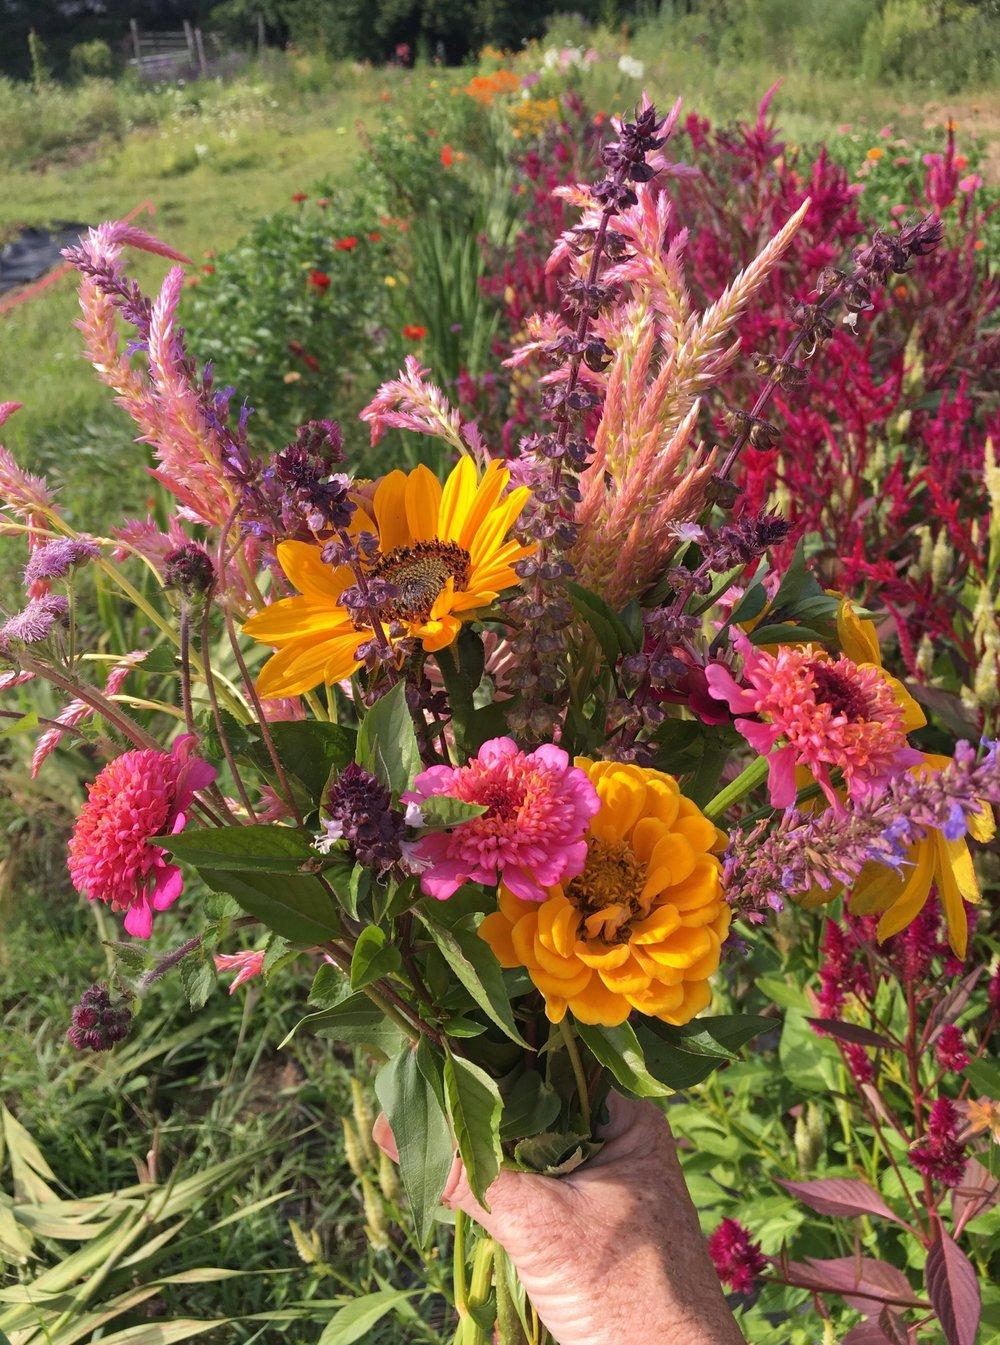 Field Tips For Harvesting Cut Flowers White Flower Farms Blog